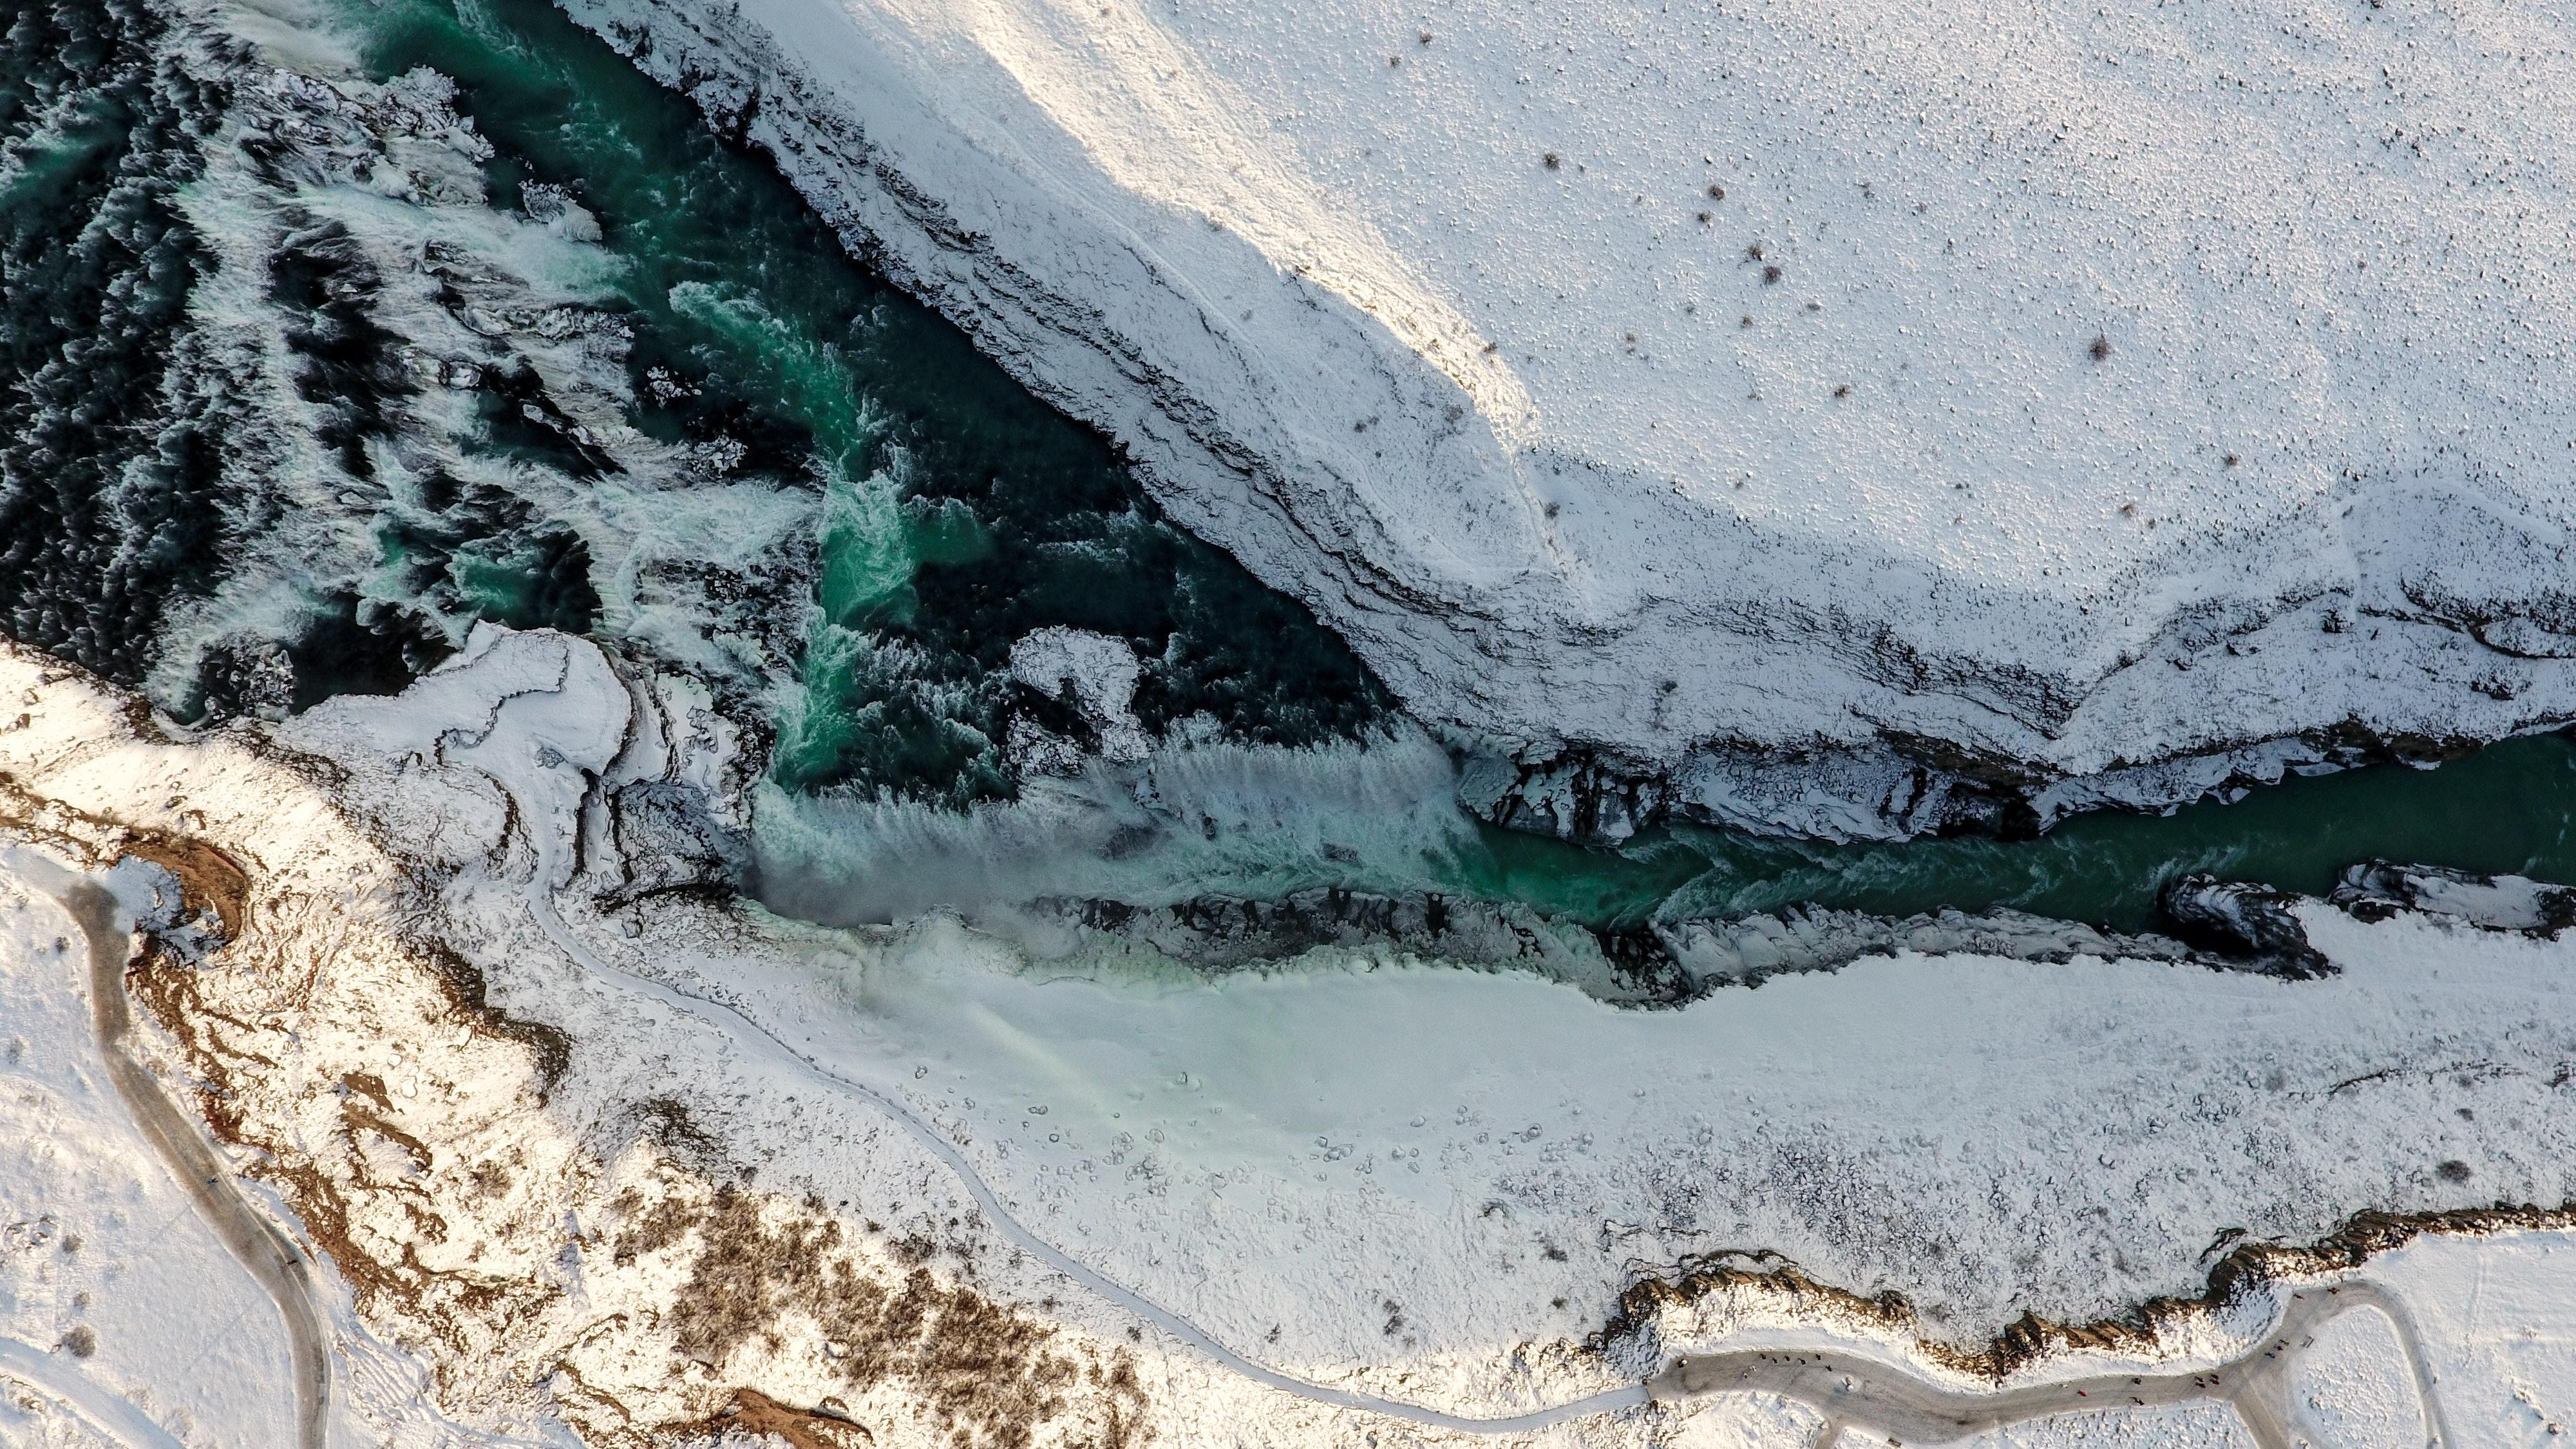 Gullfoss waterfall in Iceland in January